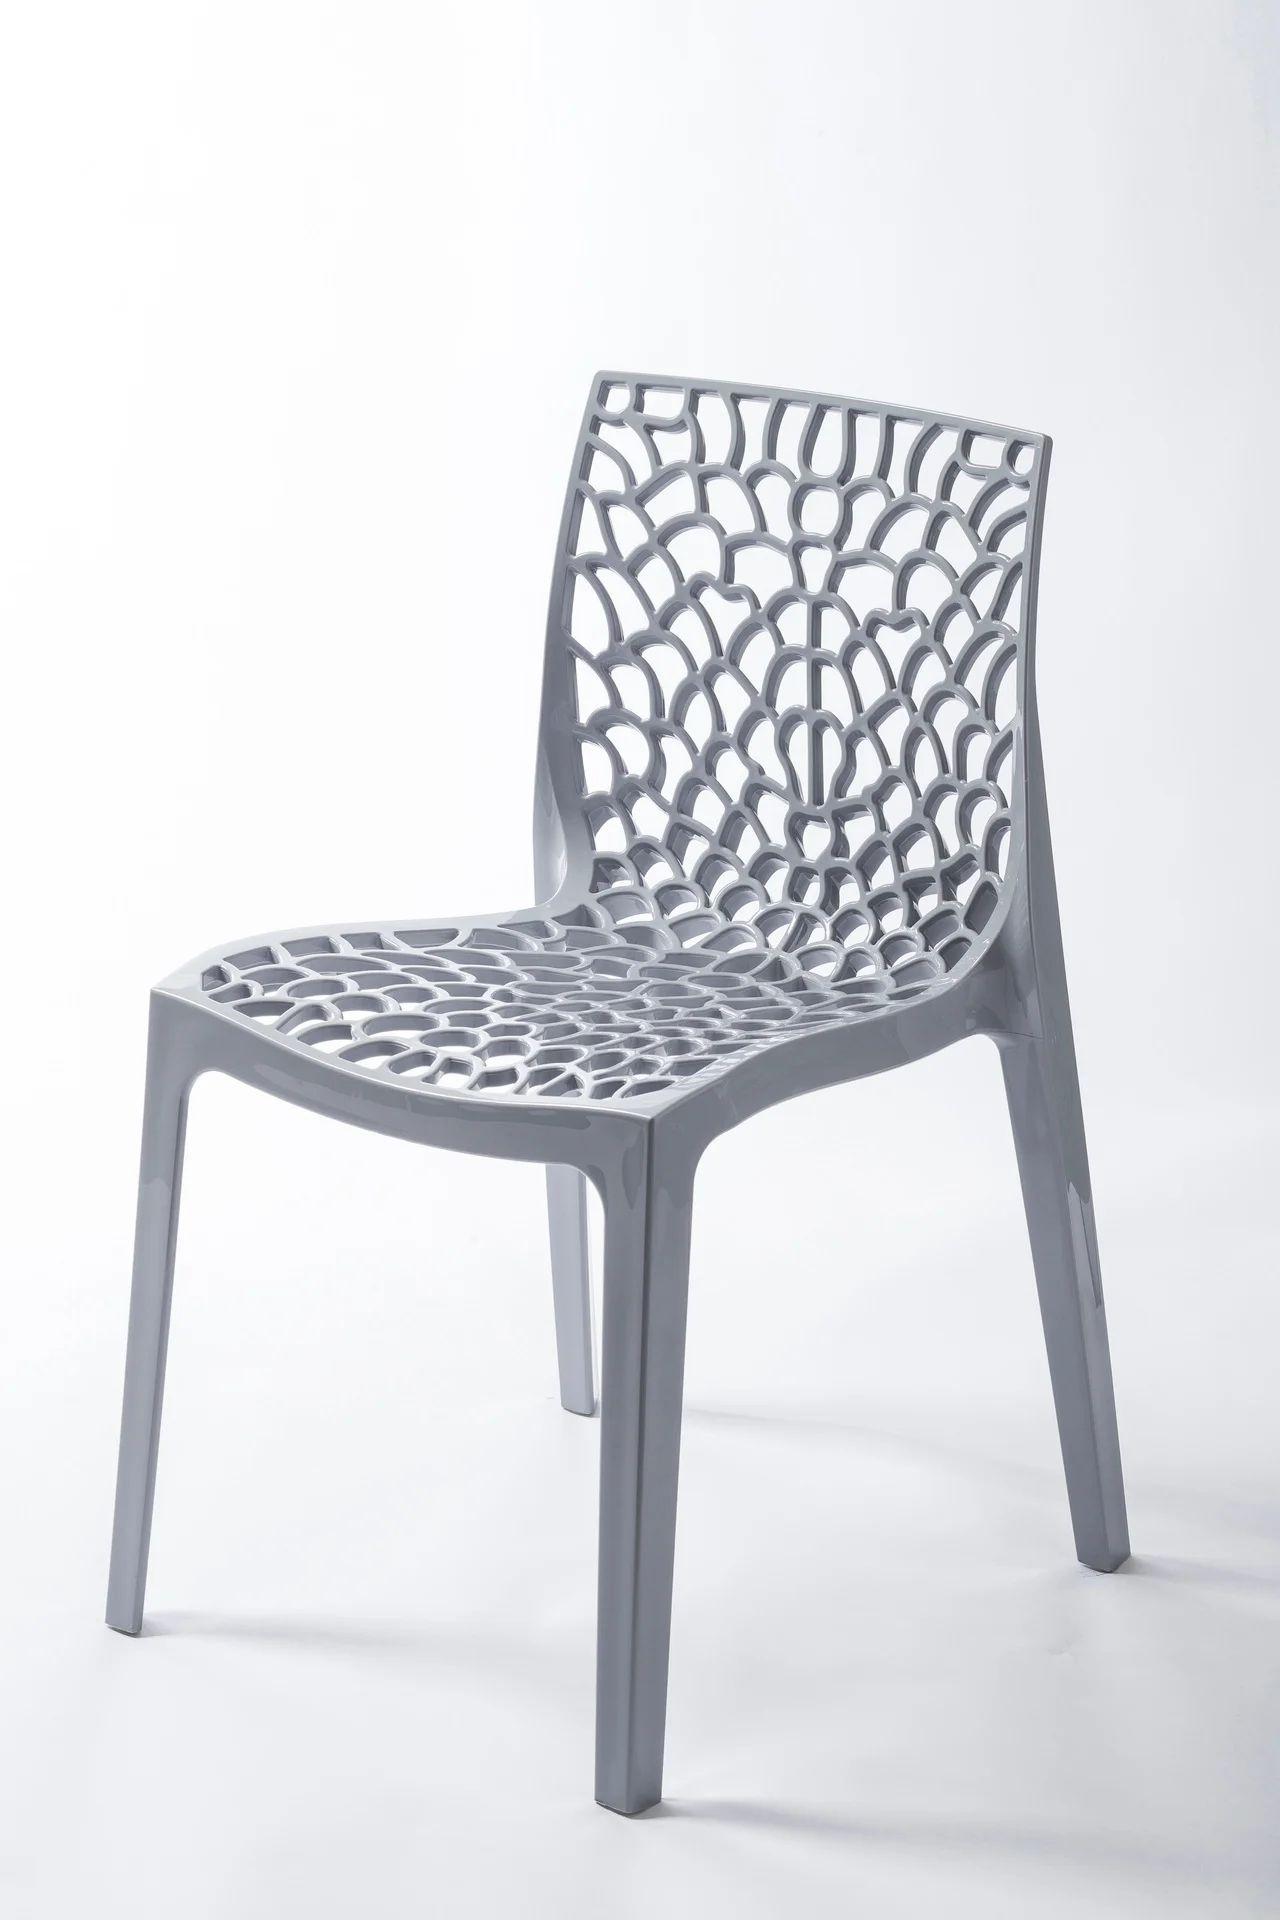 chaise de jardin en resine grafik gris perle